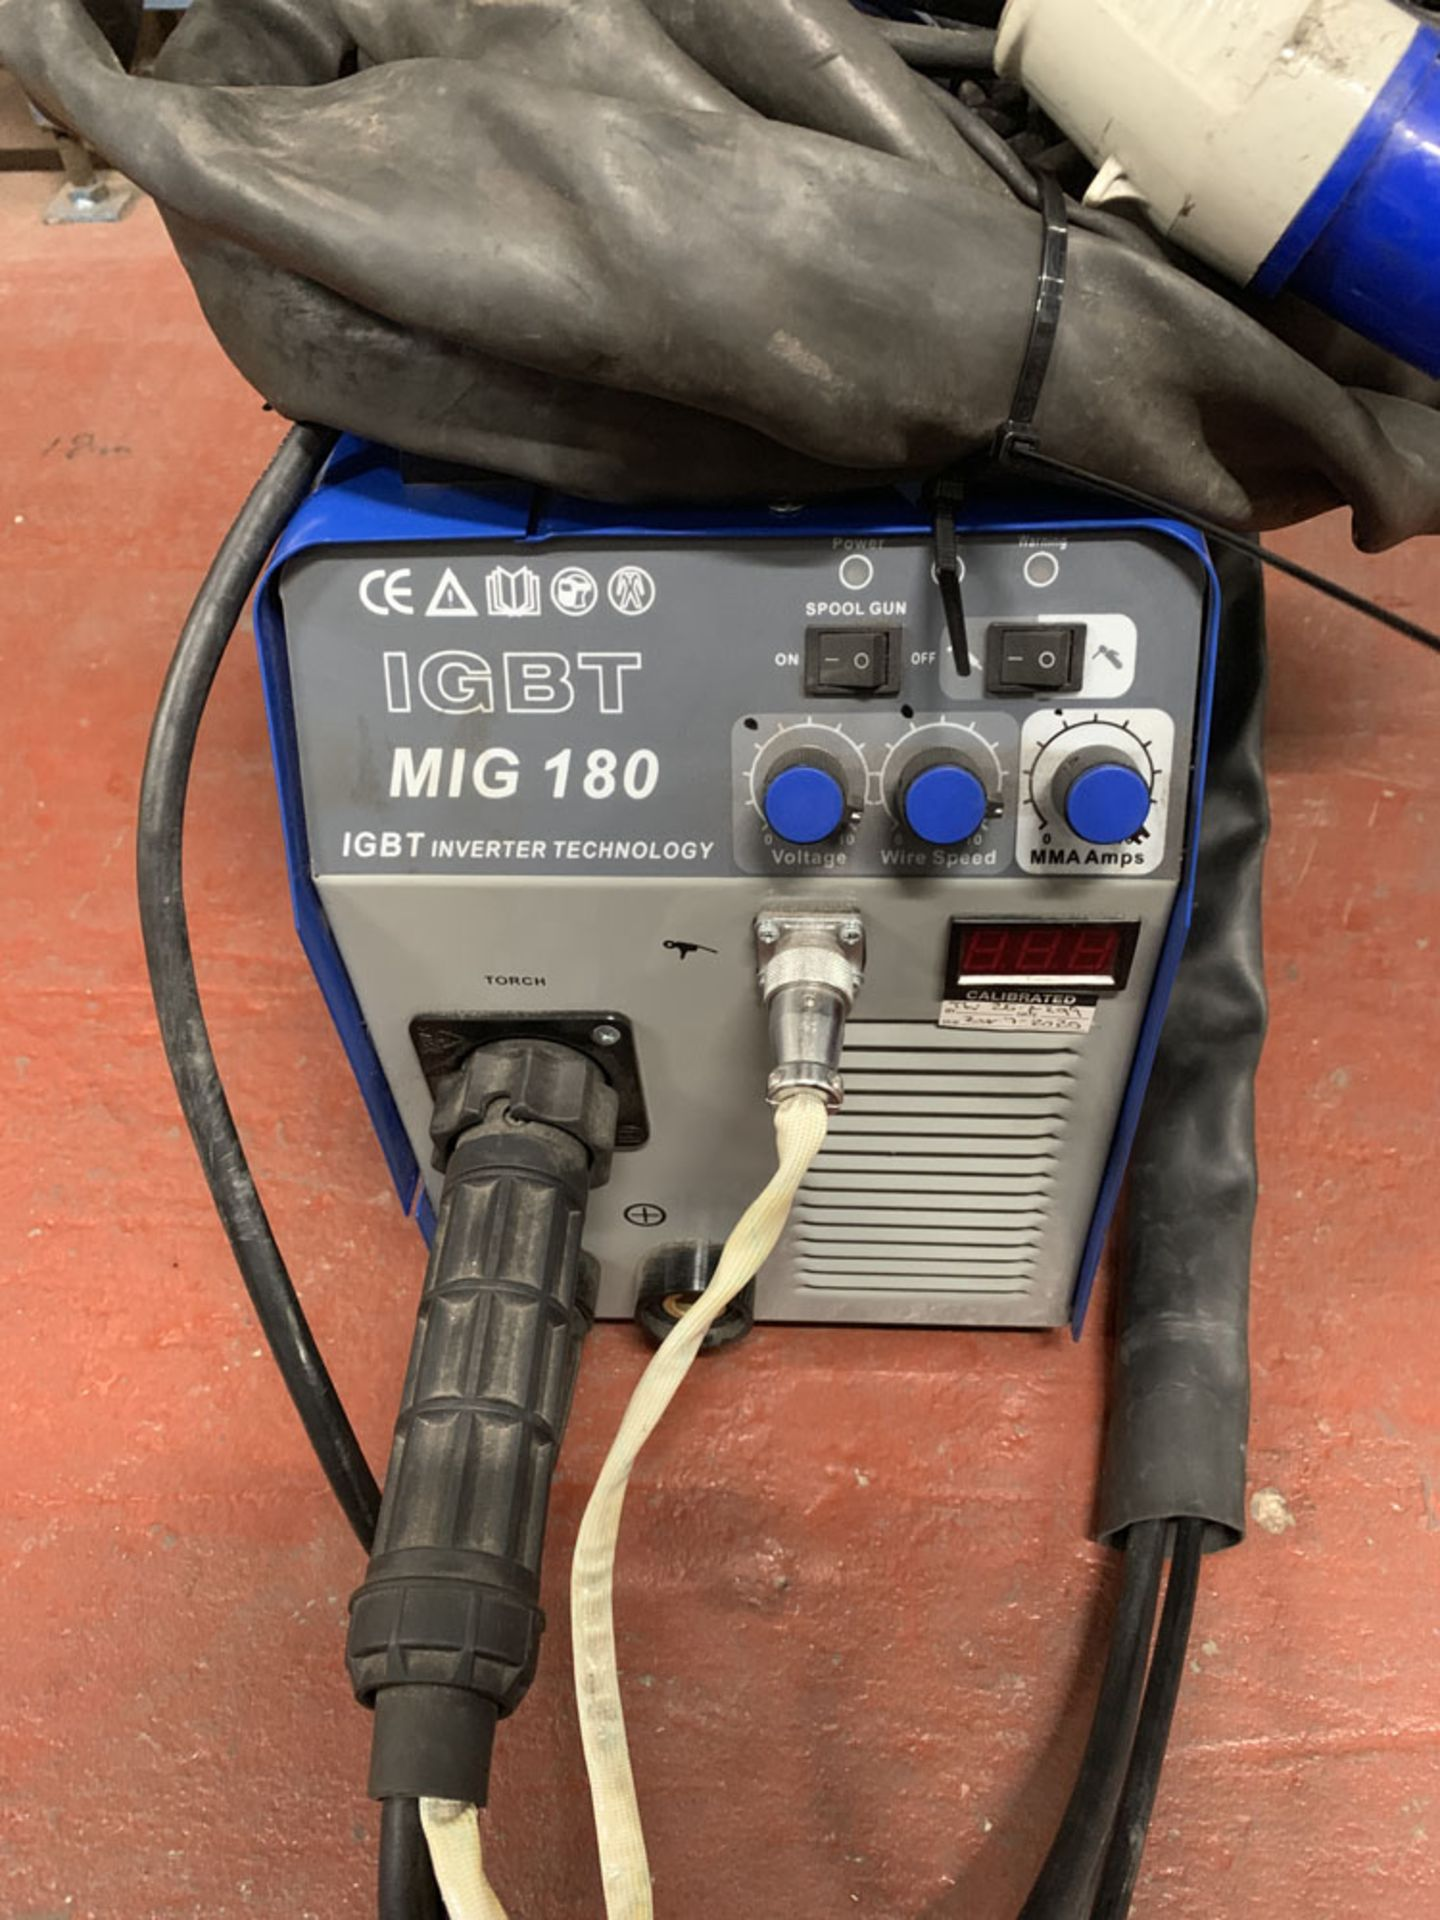 Lot 47 - R-Tech Welding Equipment Mig Welding Unit. 240 Volt.